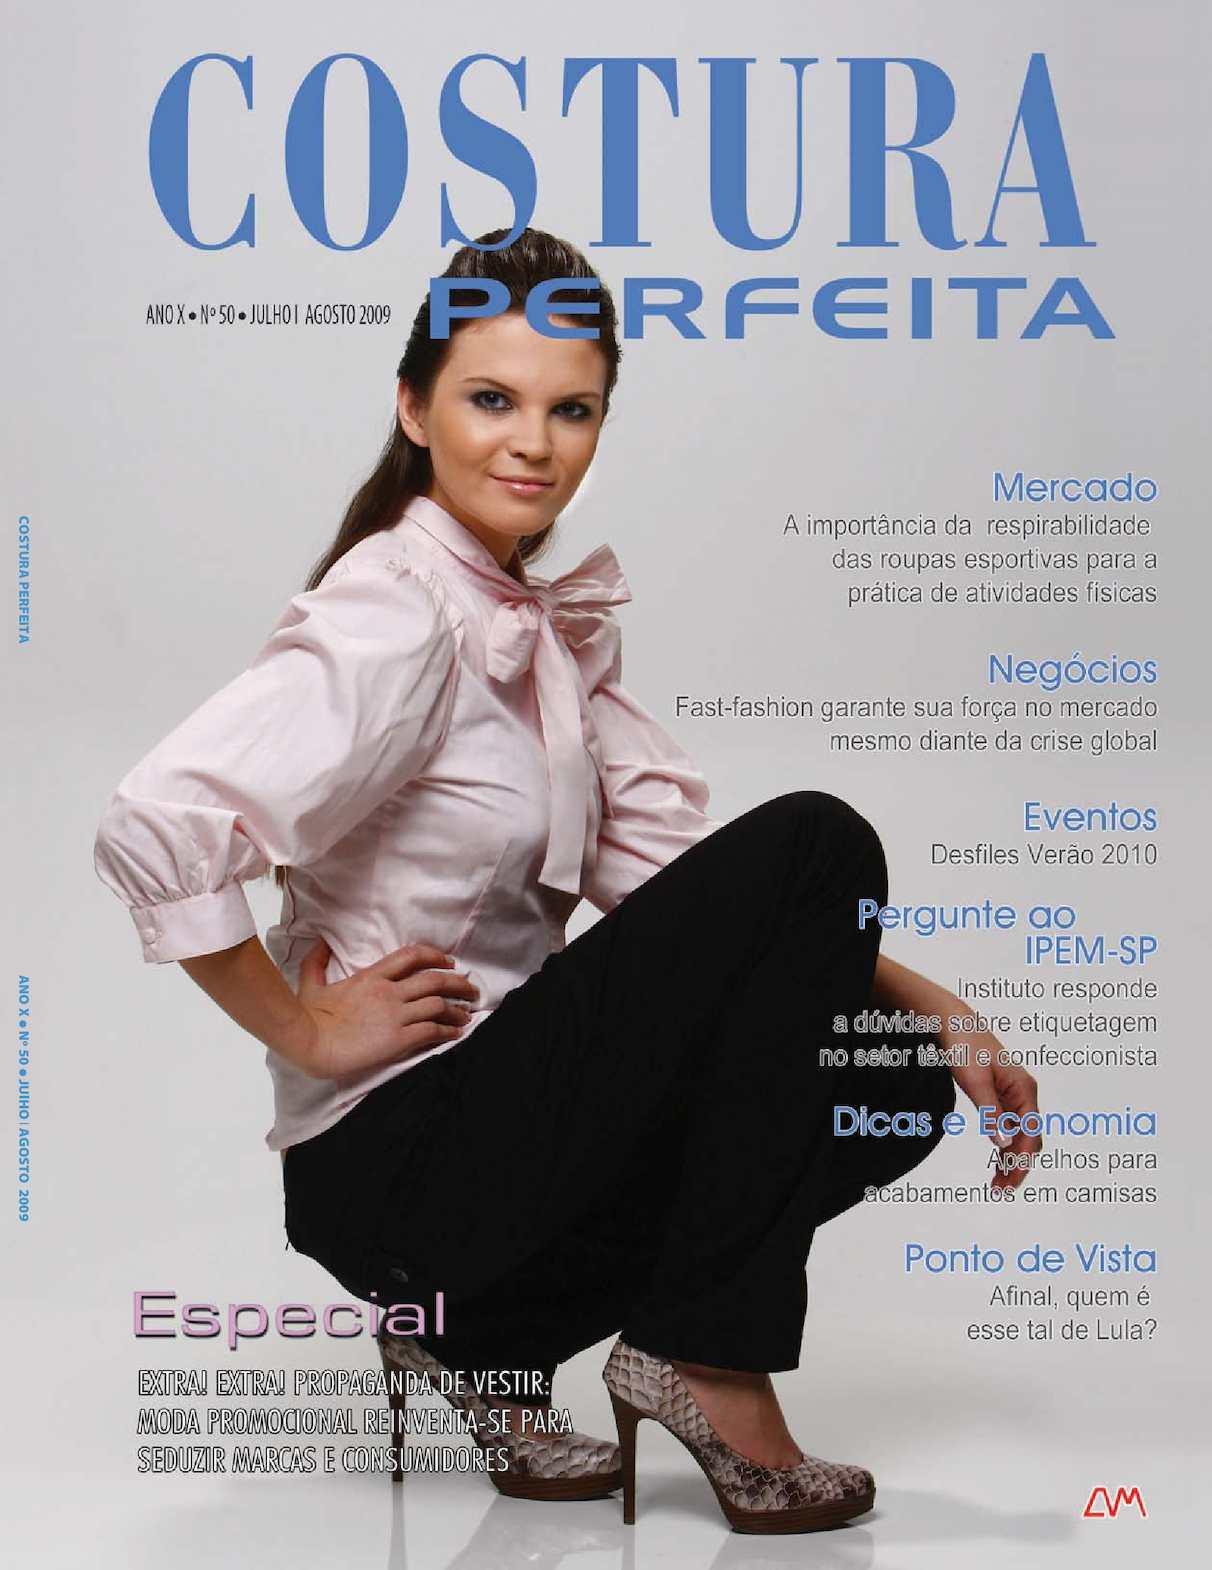 8f69206c1 Calaméo - Revista Costura Perfeita Edição Ano X - N50 -Julho-Agosto 2009